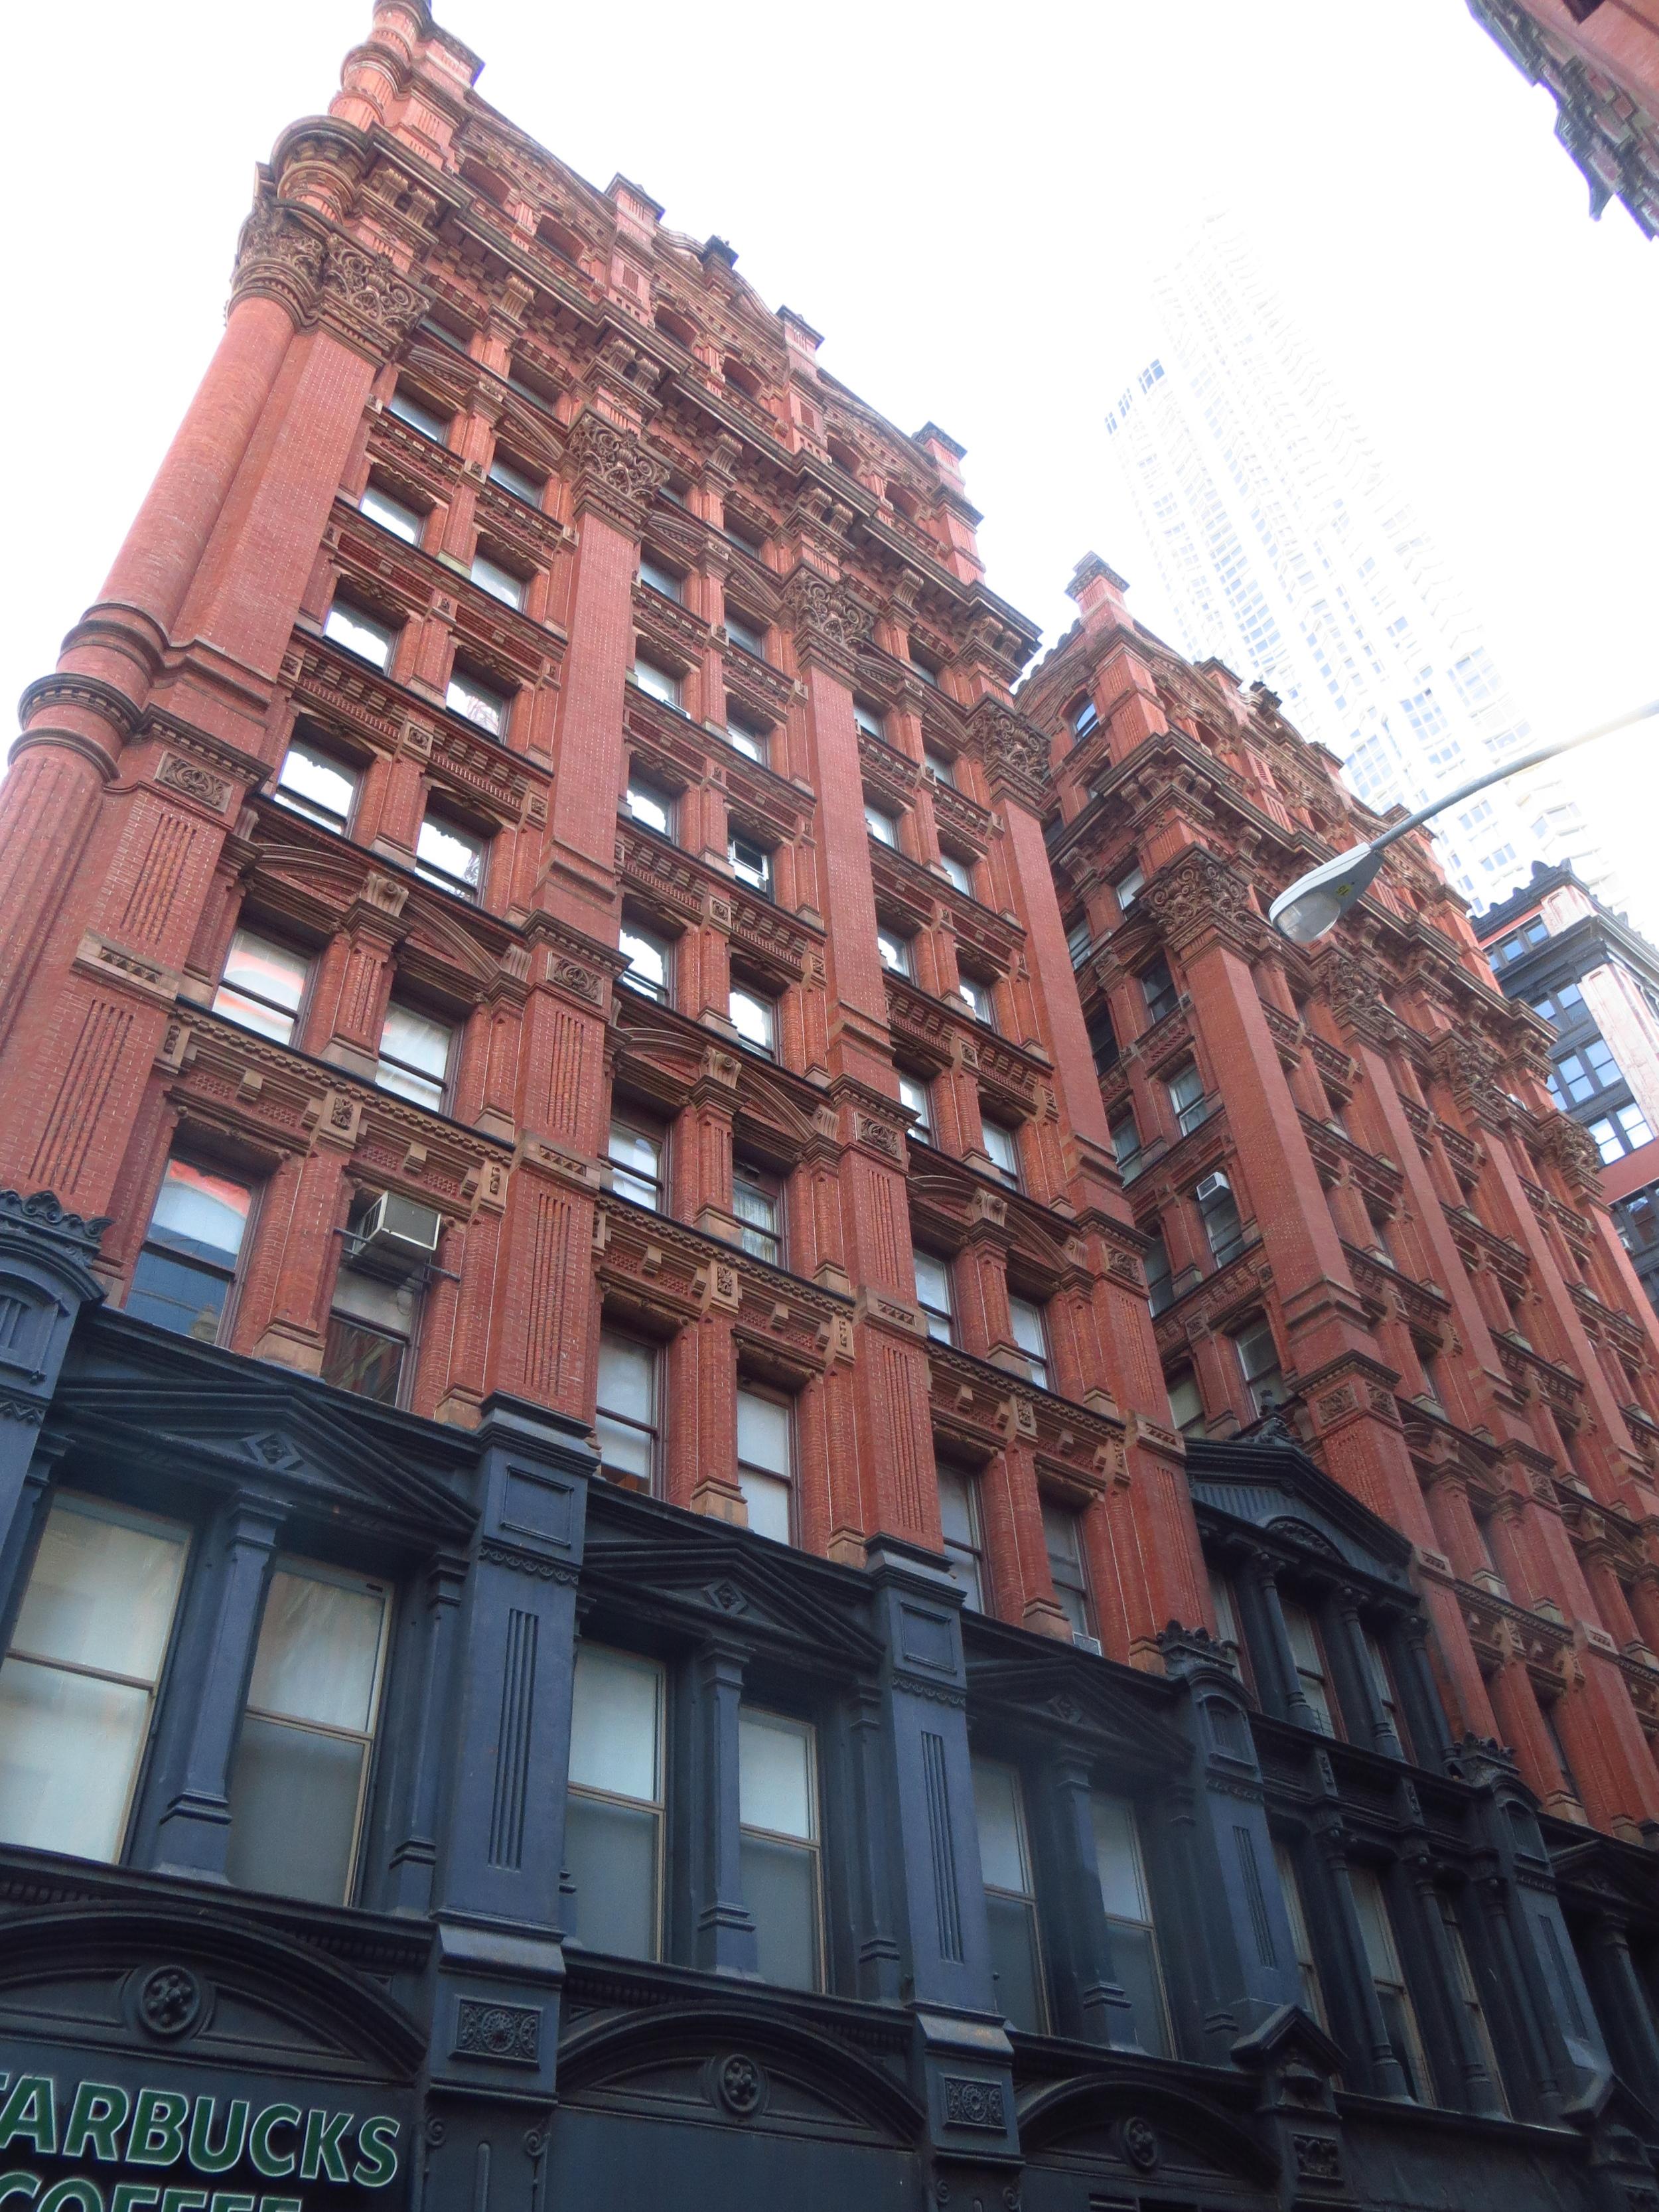 Potter Building again